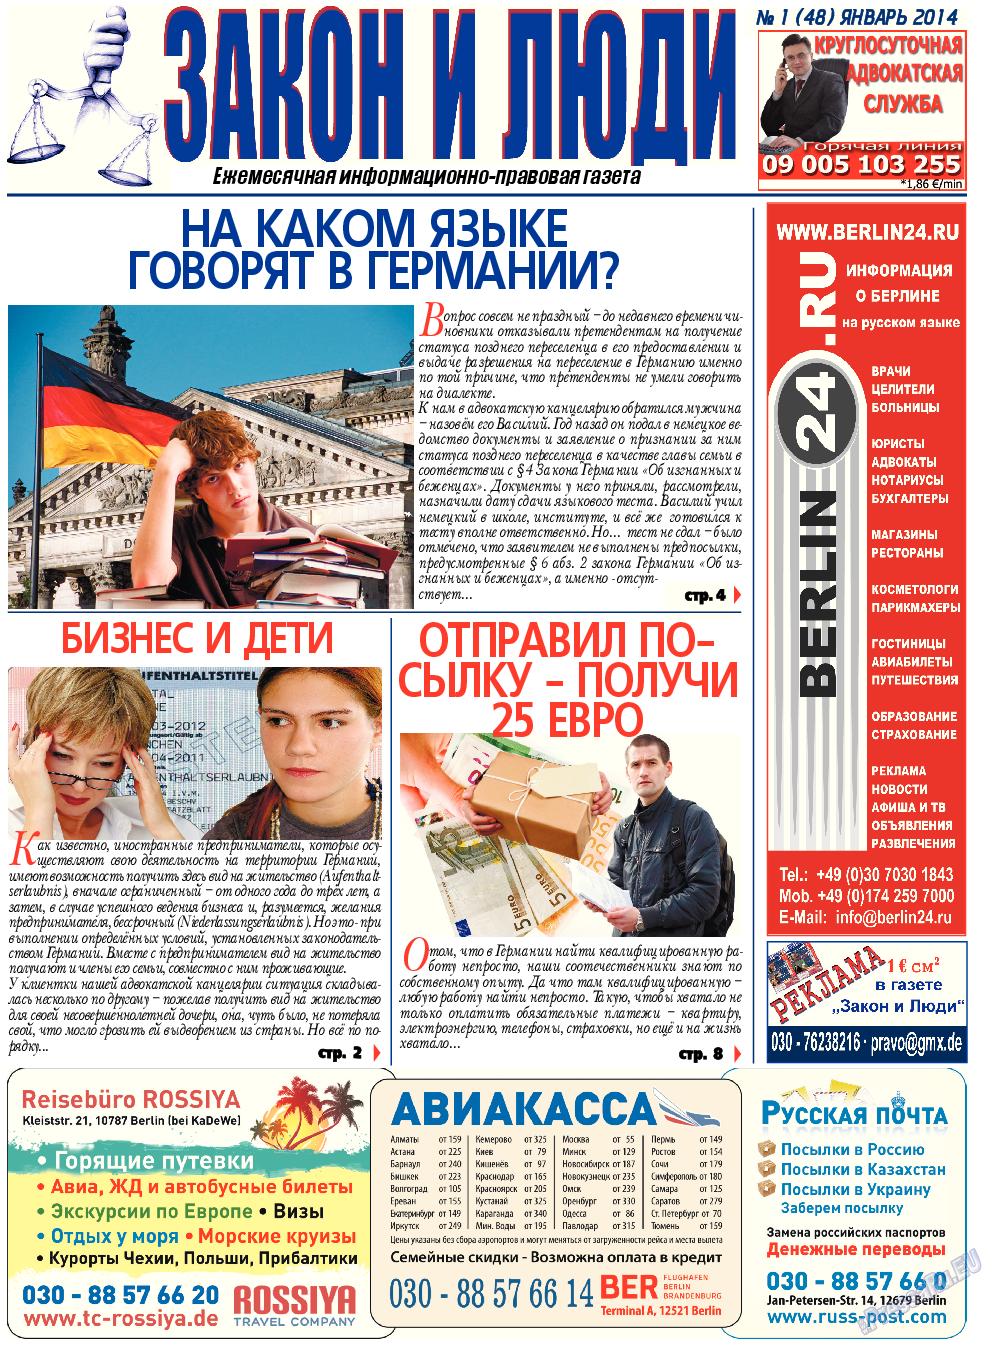 Закон и люди (газета). 2014 год, номер 1, стр. 1